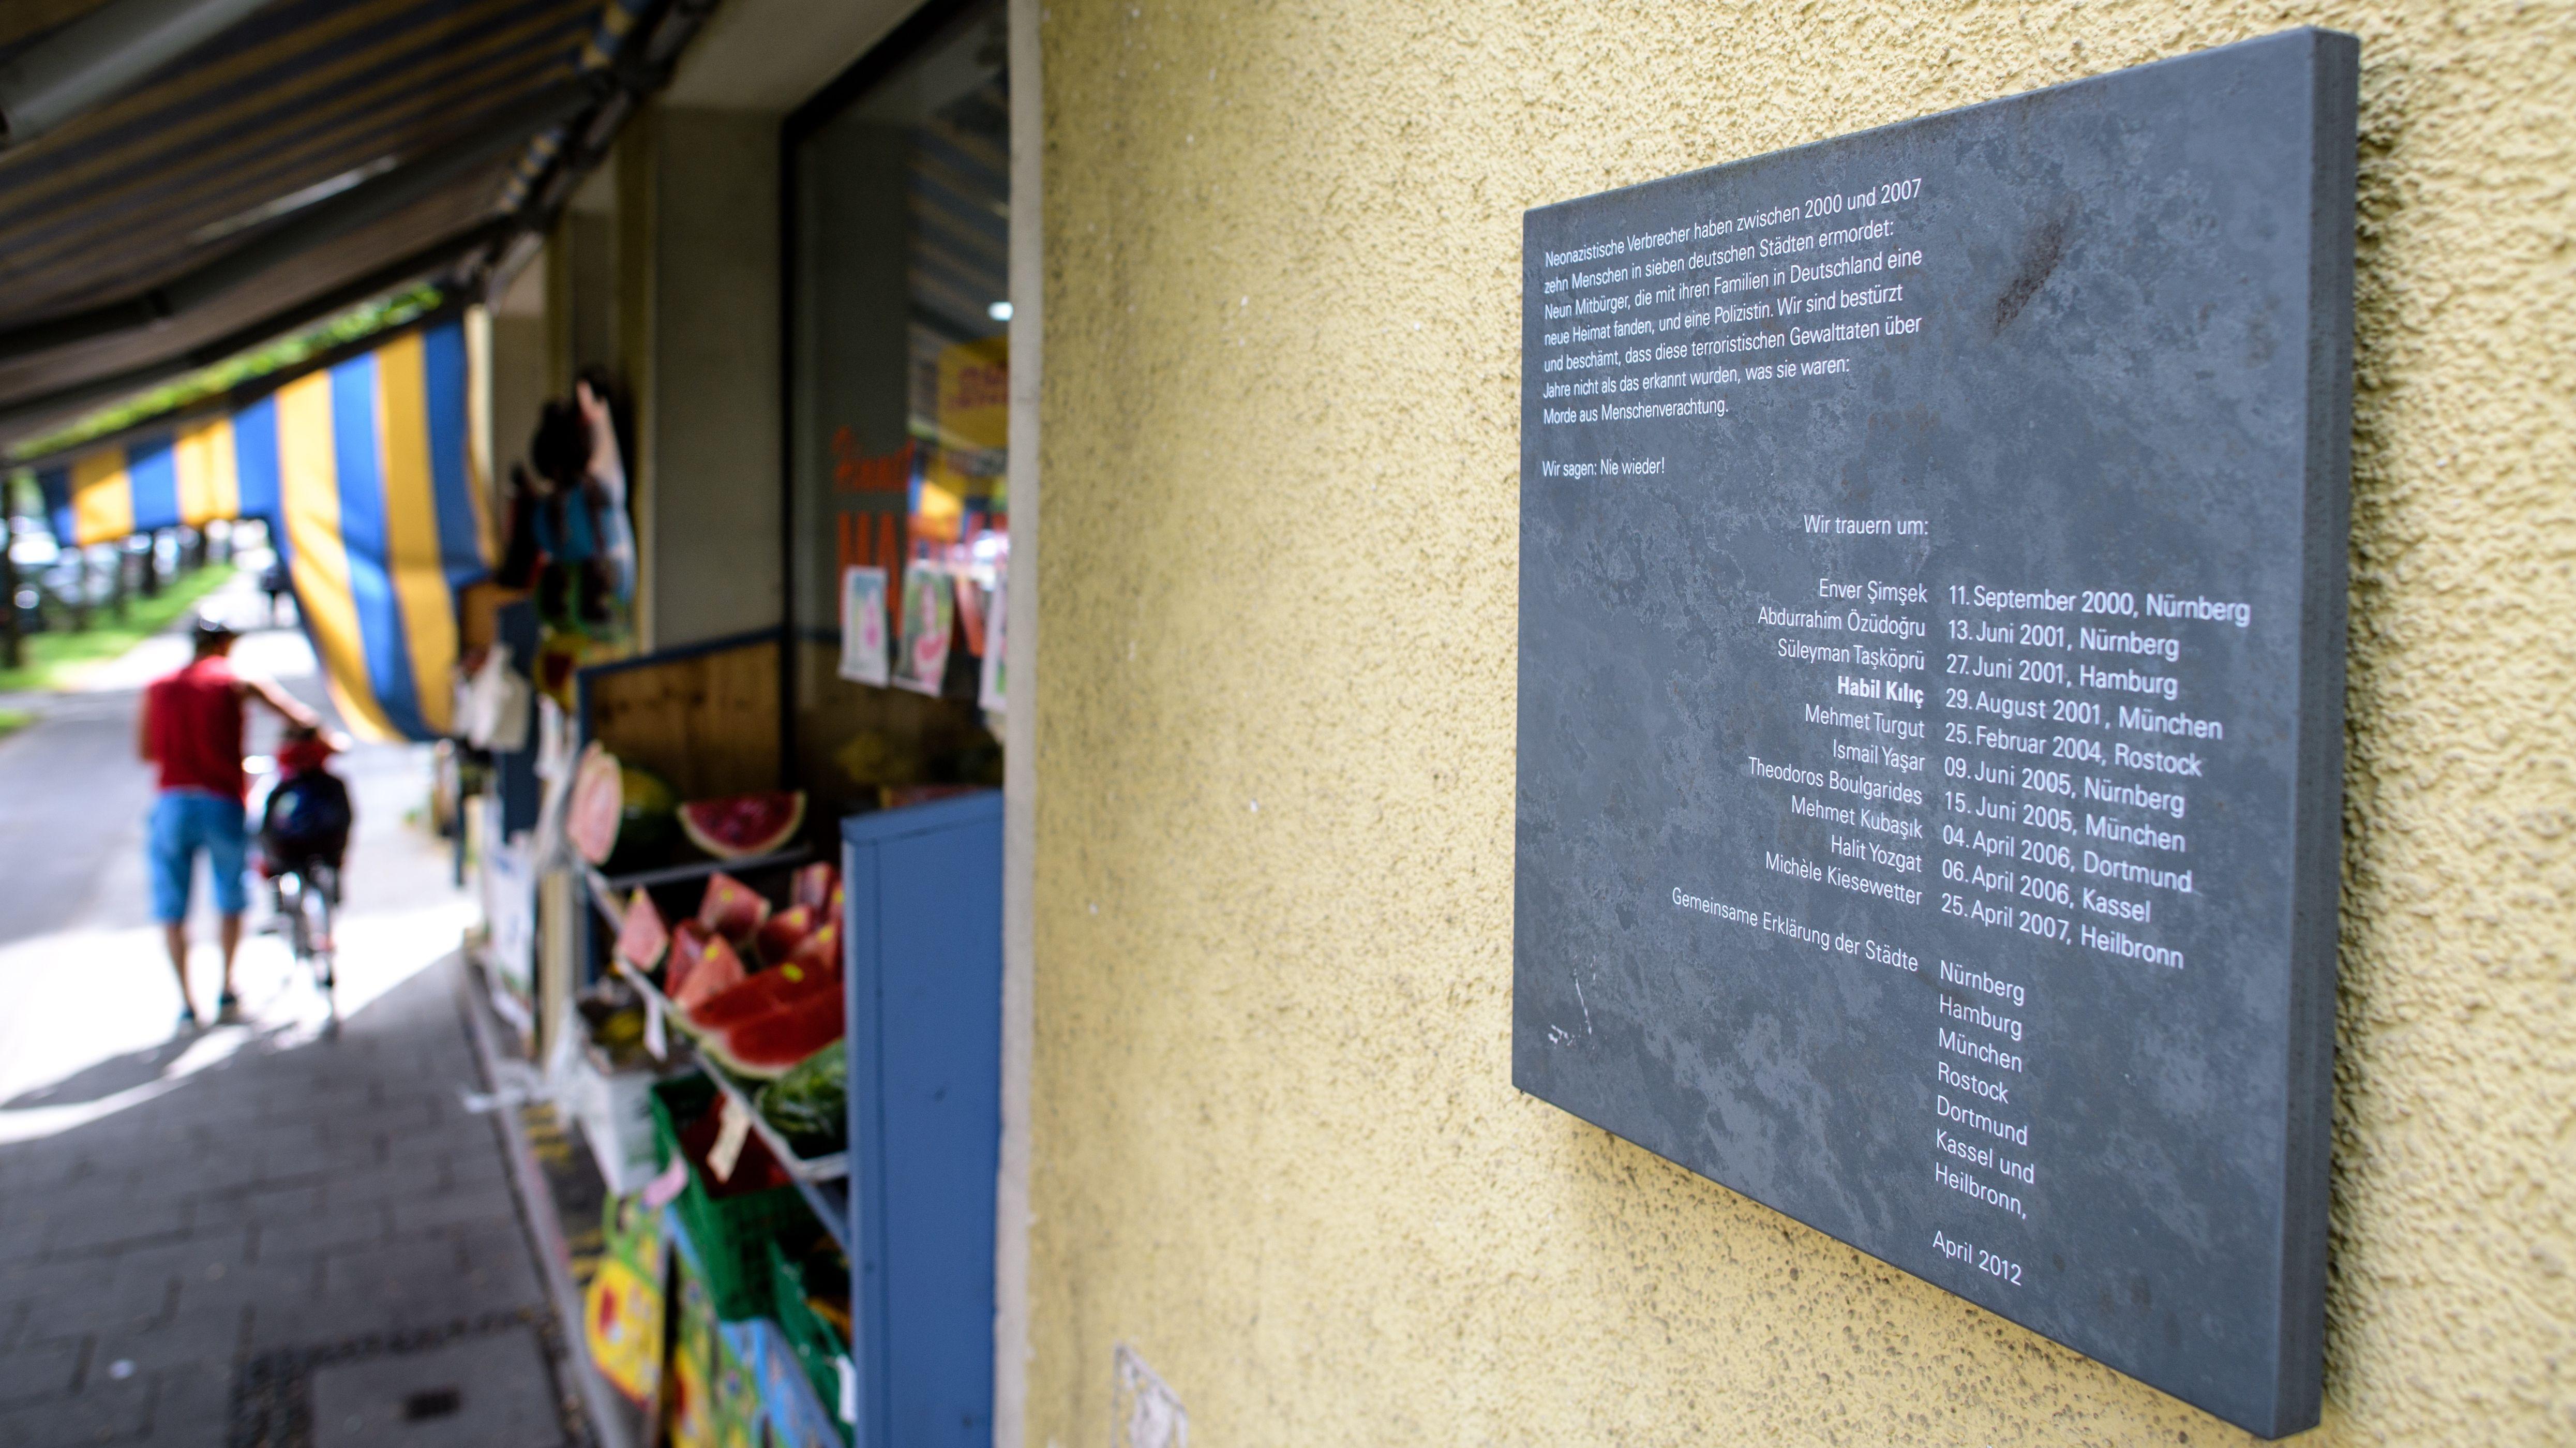 """Der """"Himmet Market"""" an der Bad-Schachener-Straße im Stadtteil Ramersdorf. In diesen Räumlichkeiten hatte früher der 38-jährige Lebensmittelhändler Habil Kilic seinen Laden. Am 29.08.2001 wurde er vom NSU erschossen."""